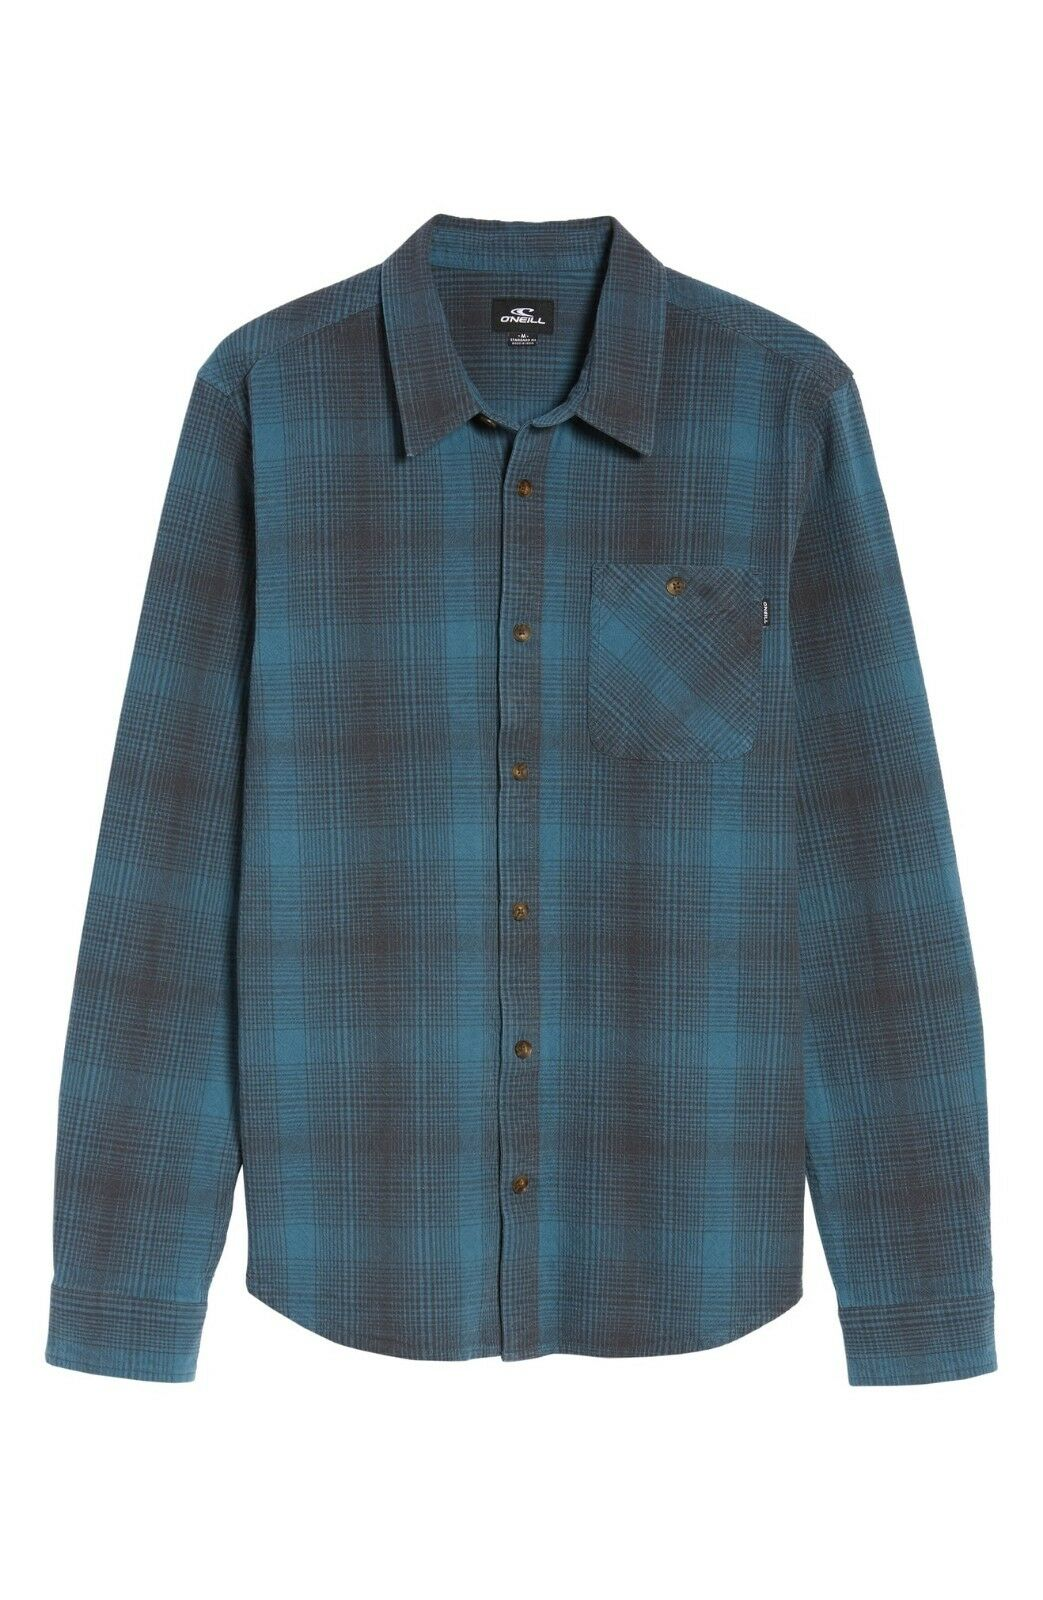 O'Neill Easton Shirt (M) Dark Teal